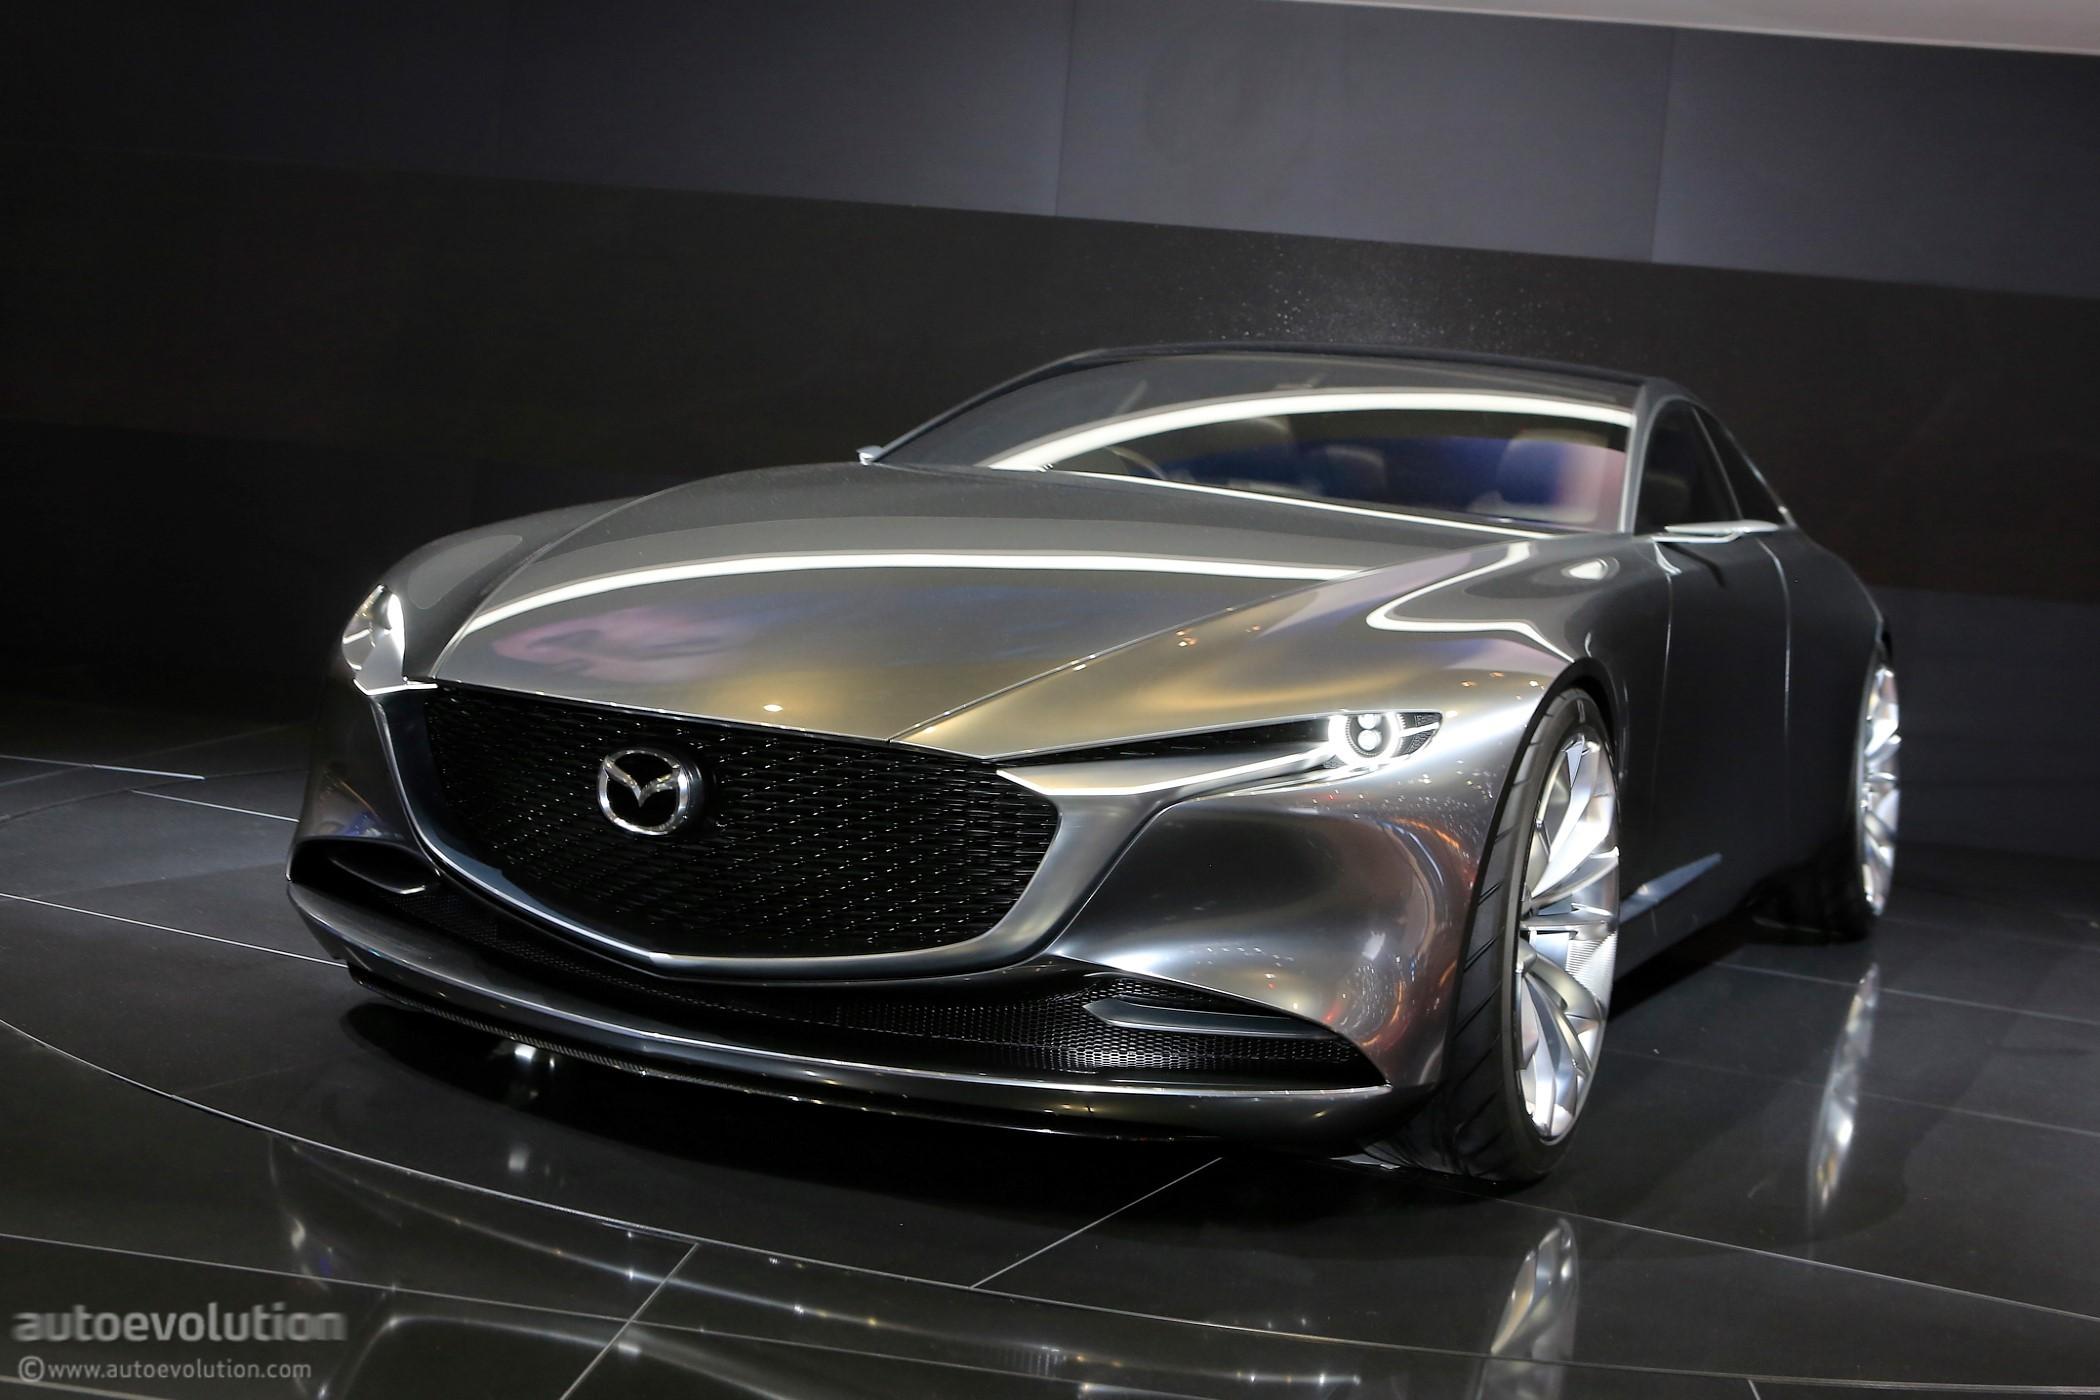 Mazda Vision Coupe Makes European Debut In Geneva, Looks ...